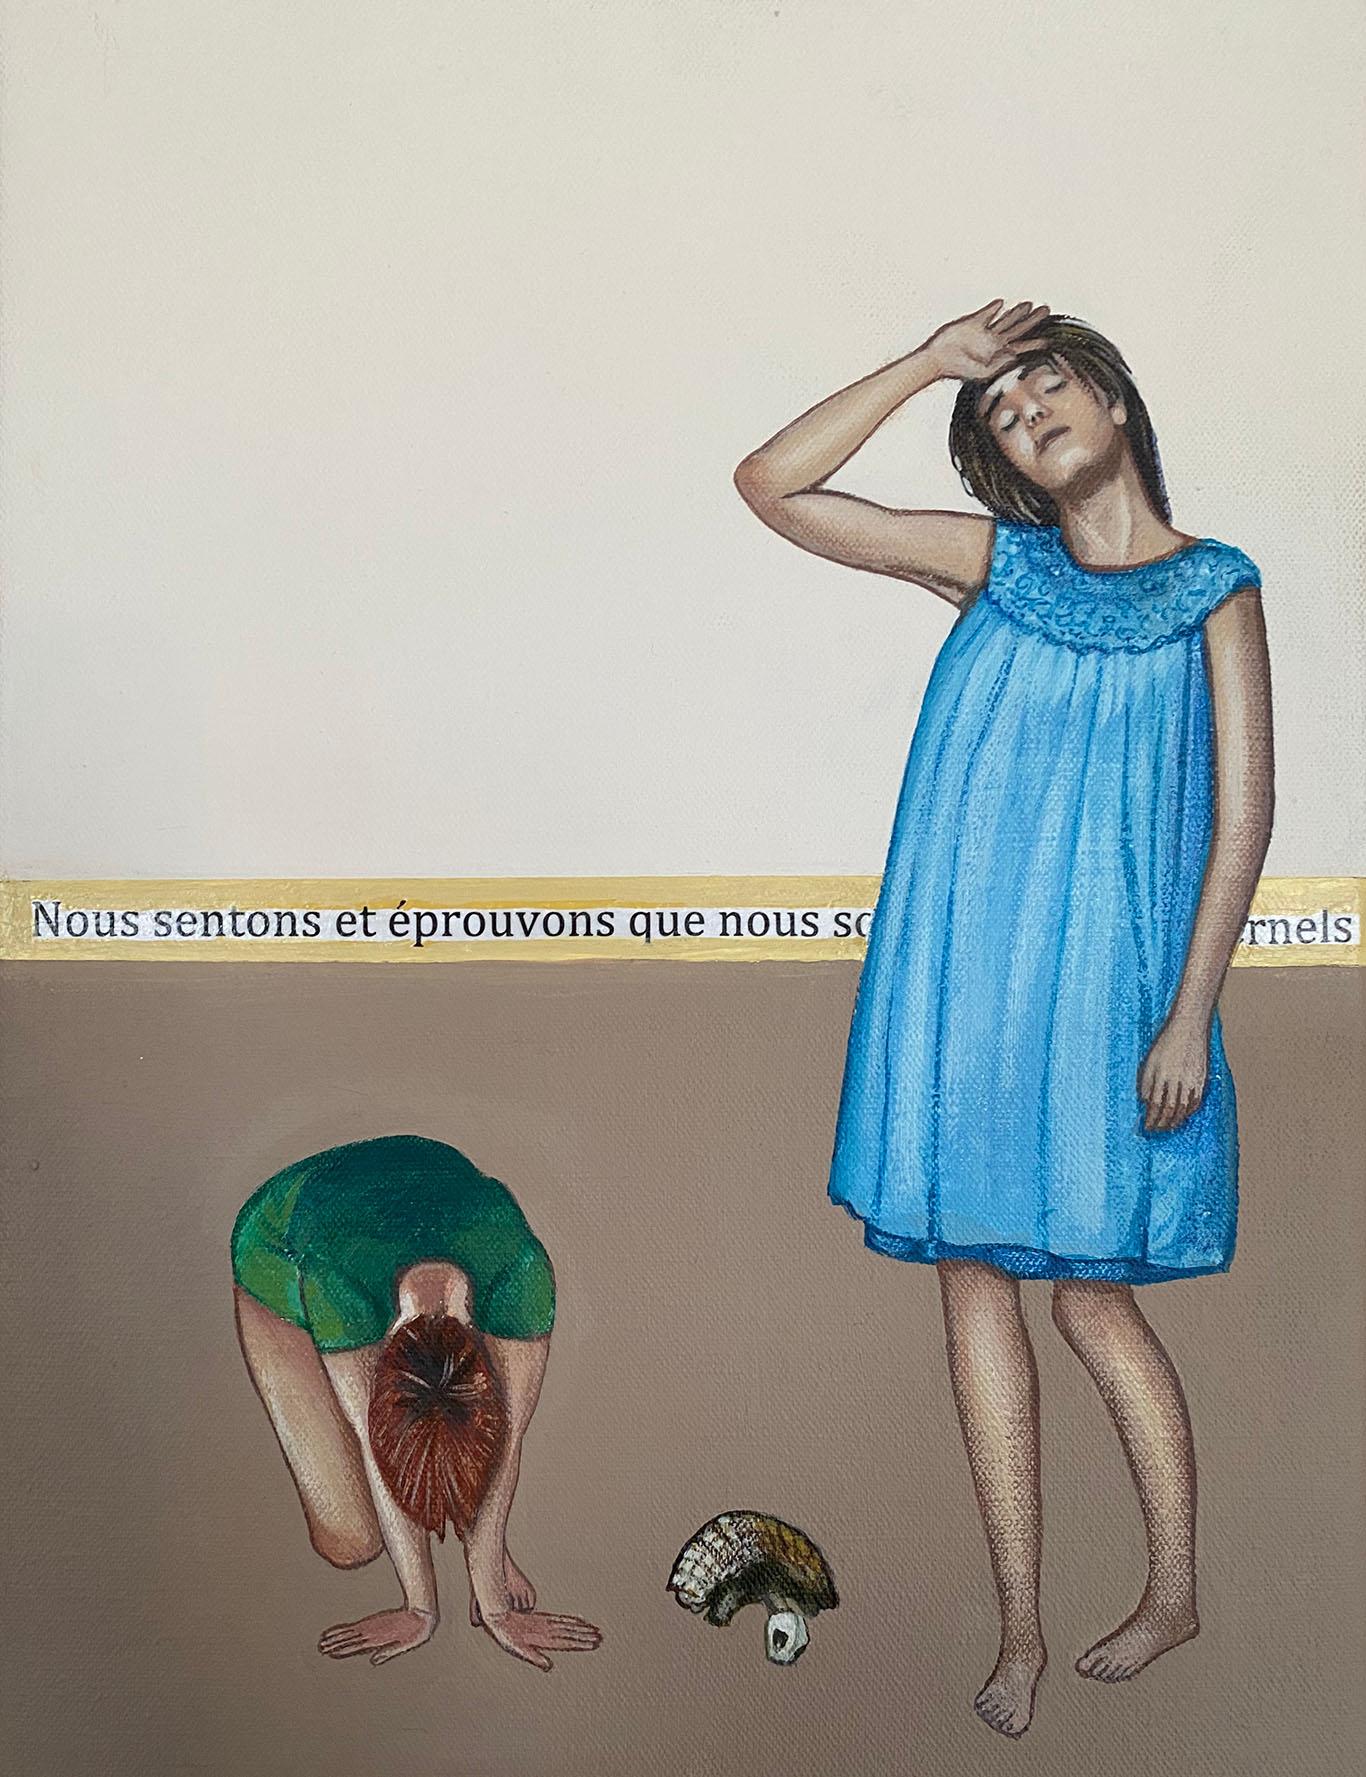 Cristina Ruiz Guinazu, Nous sommes éternels, collage and acrylics on canvas, 35 x 27 cm, 2020